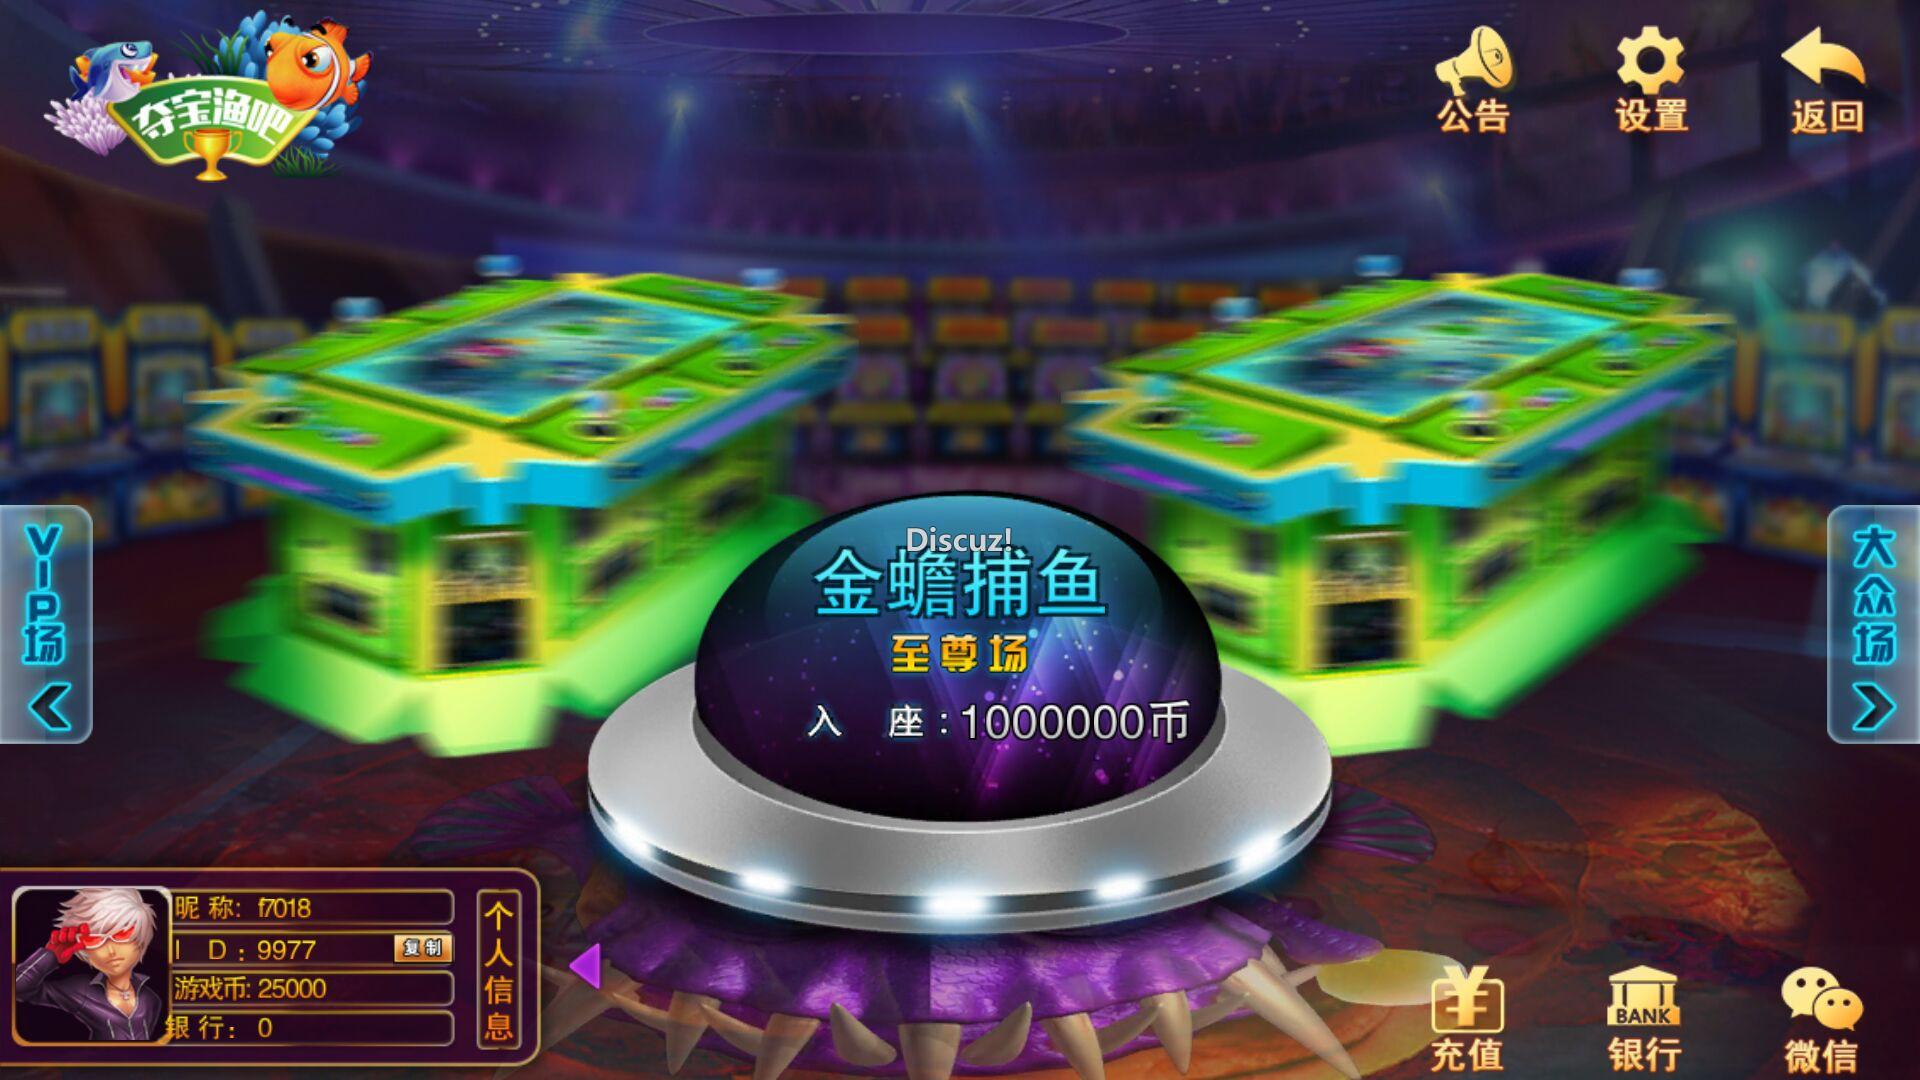 富贵电玩2最新版修复版 最新版修复版 富贵电玩2 金币电玩类 第3张